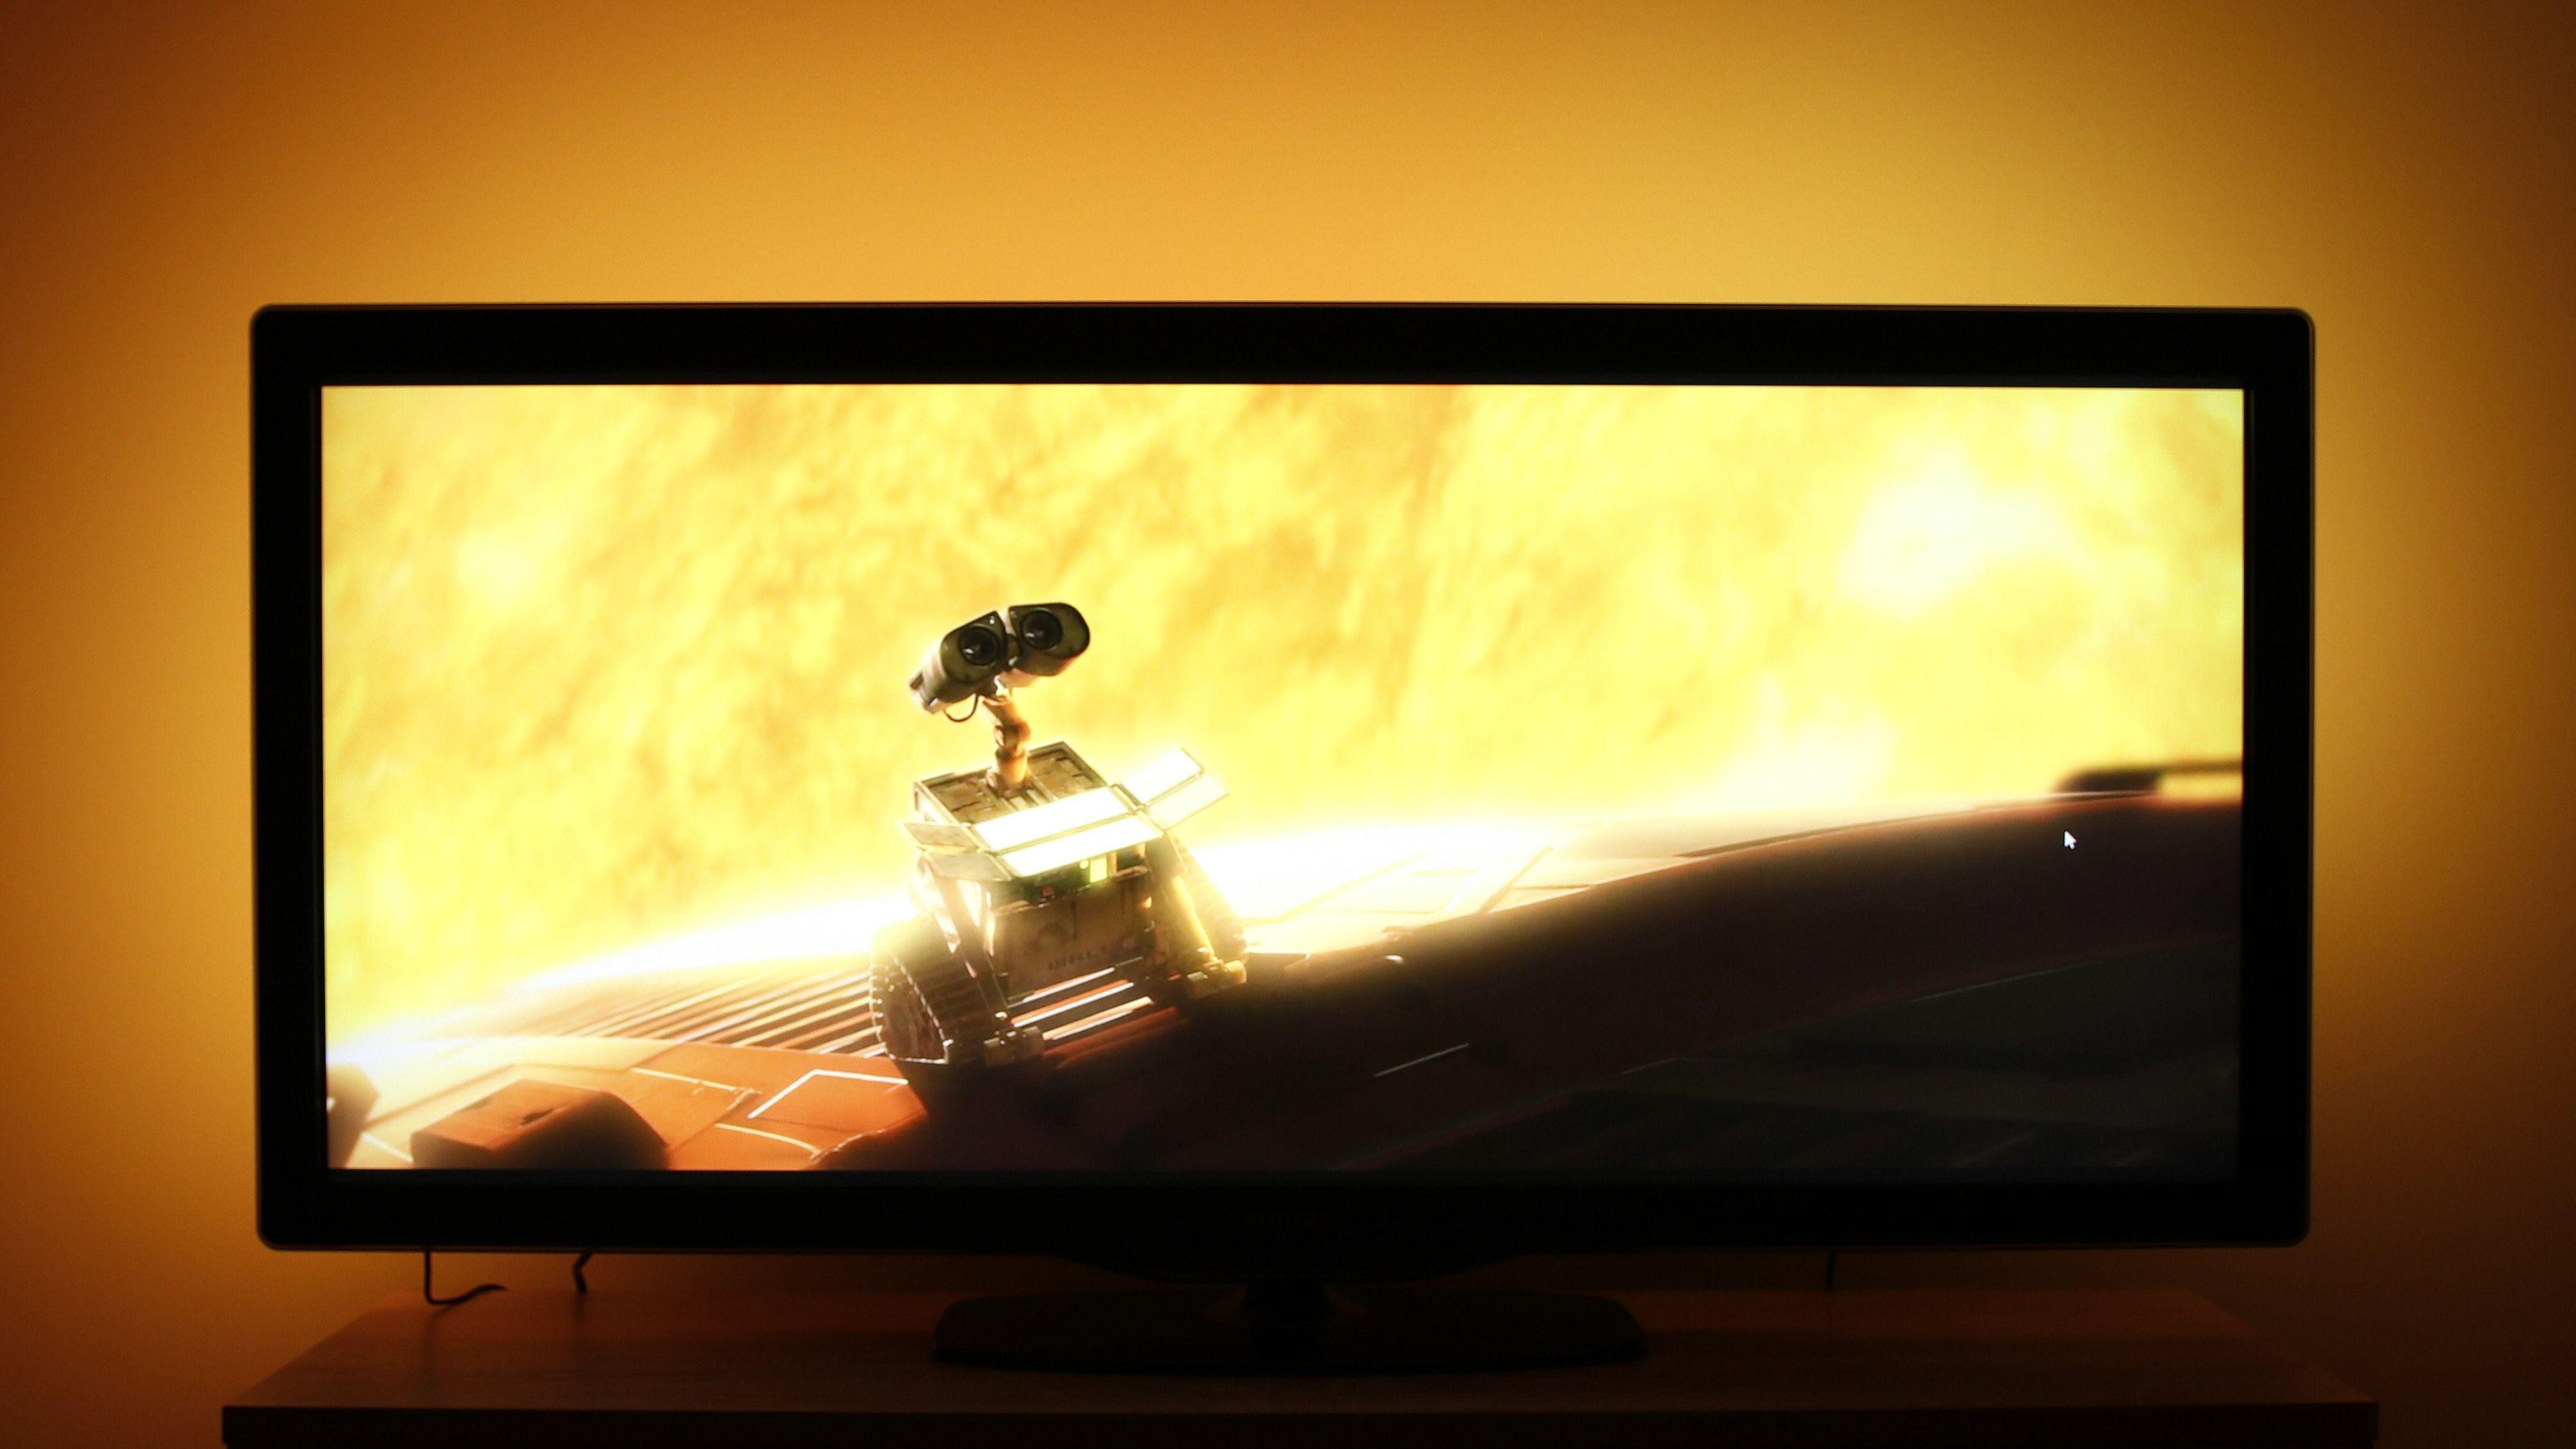 Animasjonsfilmer leker seg gjerne med lys og farger, og da blir det ofte ekstra stas.